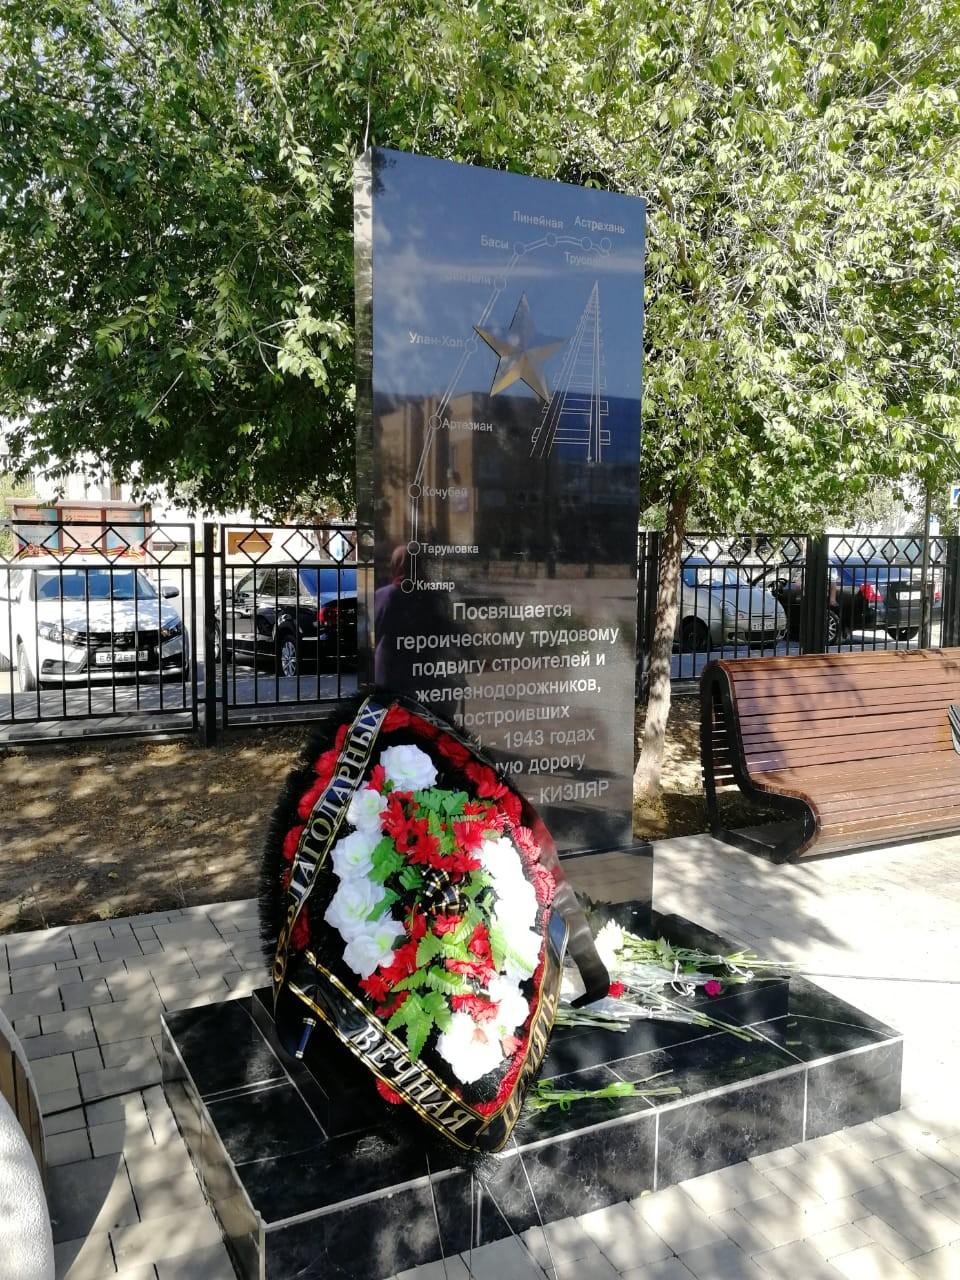 Сегодня в Элисте состоялась  церемония возложения цветов к памятнику строителям железной дороги Астрахань-Кизляр